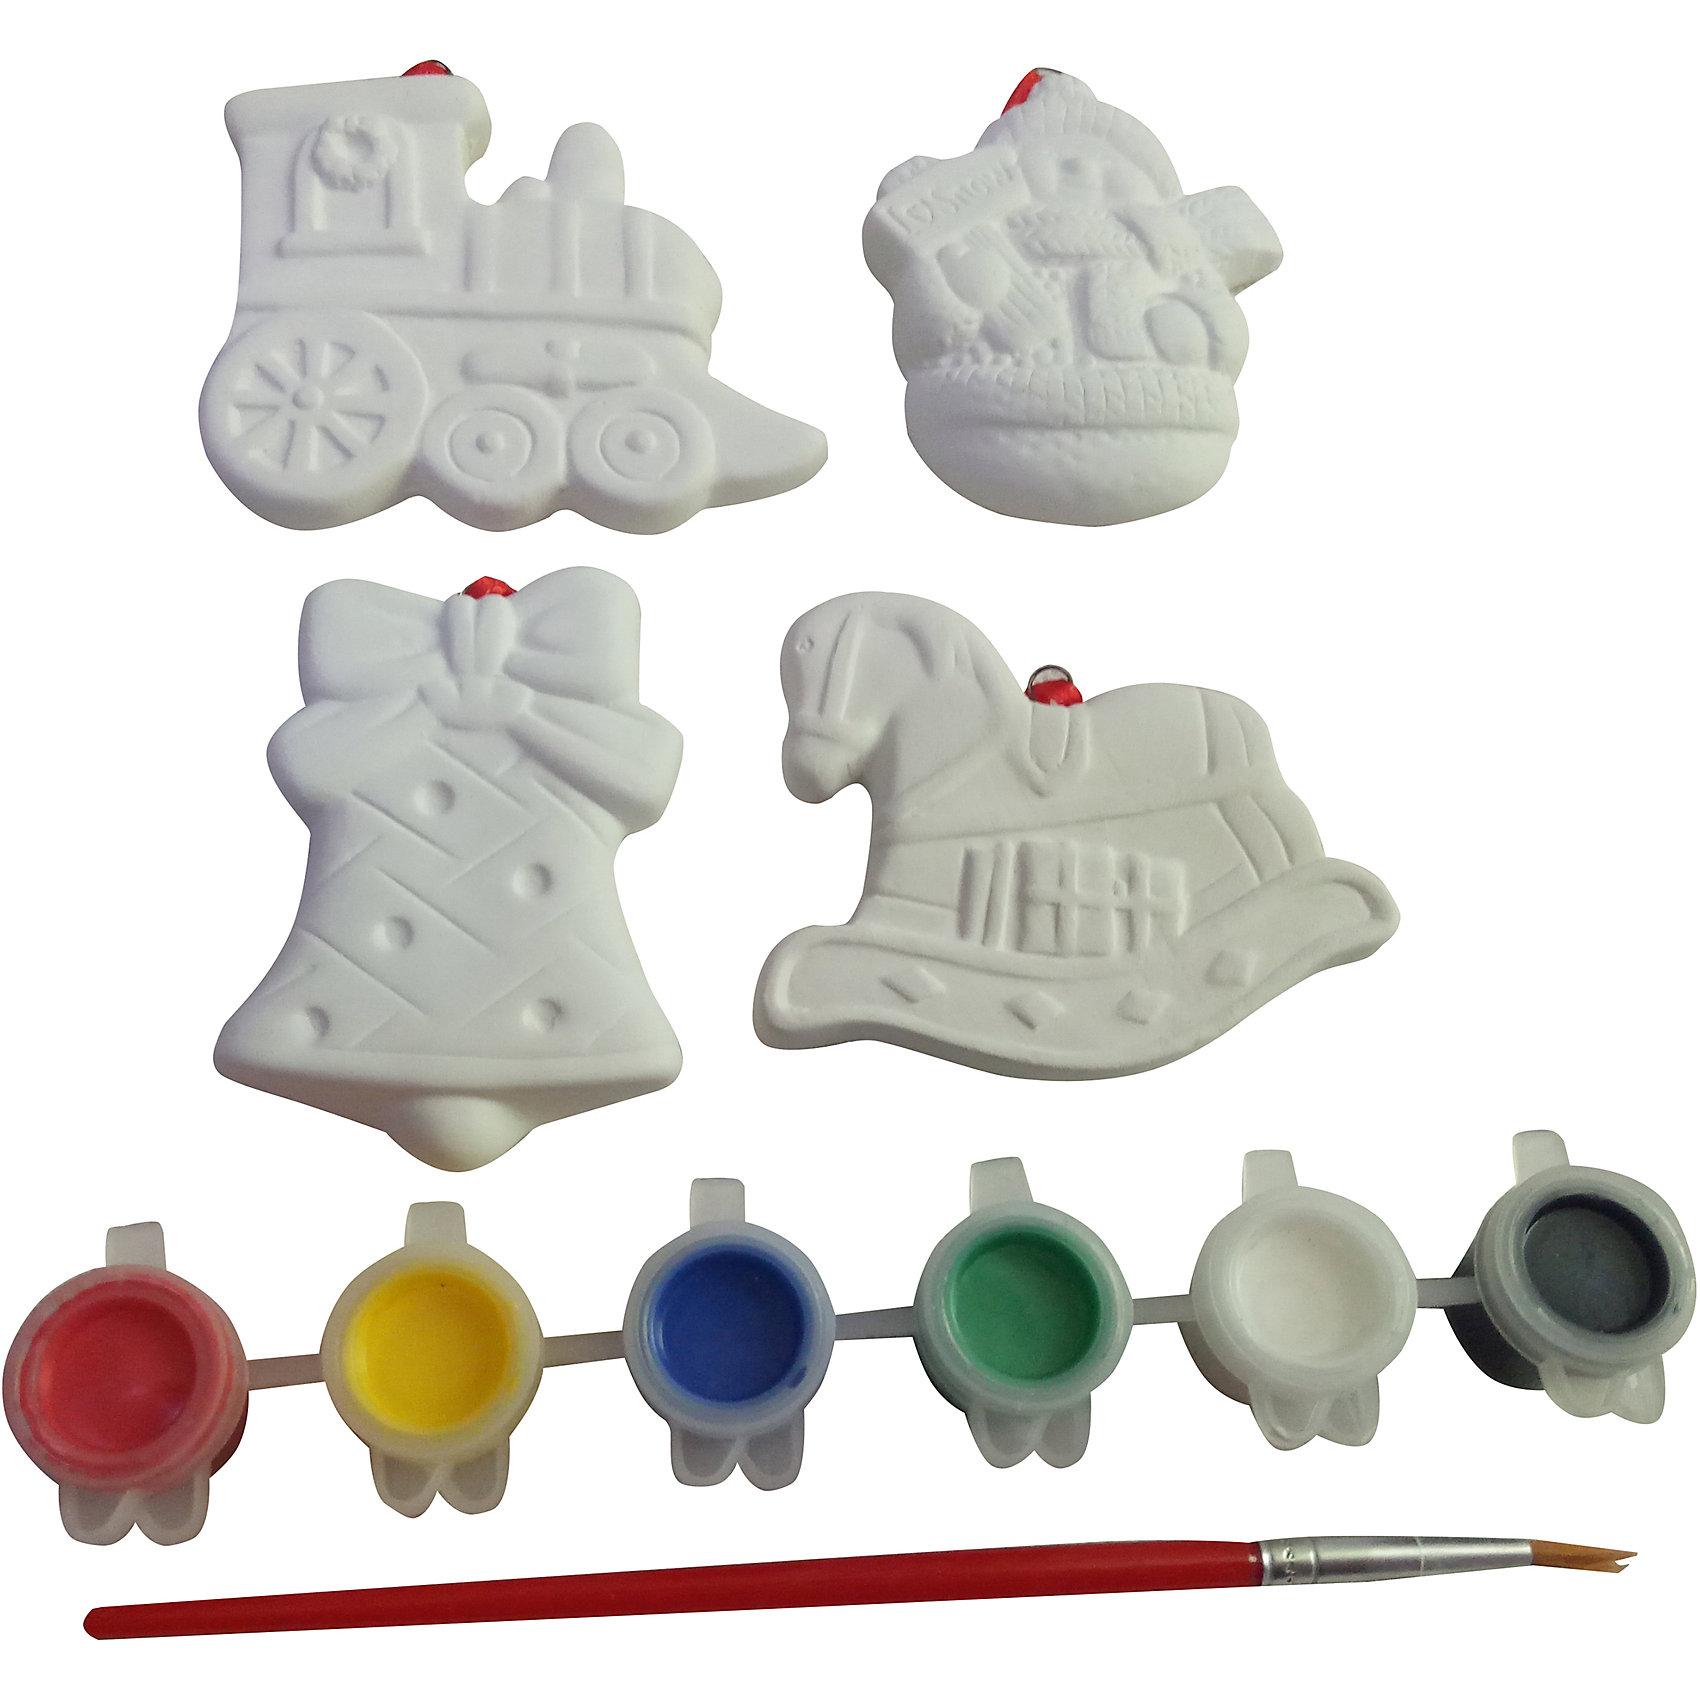 Набор для творчества Ёлочные украшения (паровоз, снеговик, колокольчик, лошадка)Новогоднее творчество<br>Набор для творчества Ёлочные украшения (паровоз, снеговик, колокольчик, лошадка).<br><br>Характеристики:<br><br>- В наборе: 4 фигурки, 6 разноцветных красок, кисточка<br>- Цвета: красный, желтый, синий, зеленый, белый, черный<br>- Материал фигурок: керамика<br>- Упаковка: картонная коробка блистерного типа<br>- Размер упаковки: 17 х 2,5 х 22 см.<br>- Вес: 225 гр.<br> <br>Набор для творчества Ёлочные украшения включает в себя все необходимое для создания оригинальных новогодних поделок. Фигурки из набора представляют собой  керамические заготовки в виде паровоза, снеговика, колокольчика, лошадки, которые нужно раскрасить различными цветами так, как подскажет фантазия. Для творчества, в наборе предусмотрены краски шести цветов и кисточка. Примеры росписи фигурок вы найдете в инструкции. Яркие краски хорошо ложатся на поверхность фигурок и быстро сохнут. Фигурки, раскрашенные своими руками, станут прекрасным украшением новогодней елки или замечательным подарком для близких и друзей. Раскрашивать изделия из керамики не только очень интересно и увлекательно, но и полезно. Ведь процесс раскрашивания помогает развить творческие способности, усидчивость, внимательность, самостоятельность, координацию движений.<br><br>Набор для творчества Ёлочные украшения (паровоз, снеговик, колокольчик, лошадка) можно купить в нашем интернет-магазине.<br><br>Ширина мм: 170<br>Глубина мм: 25<br>Высота мм: 220<br>Вес г: 225<br>Возраст от месяцев: 60<br>Возраст до месяцев: 1188<br>Пол: Унисекс<br>Возраст: Детский<br>SKU: 5124547